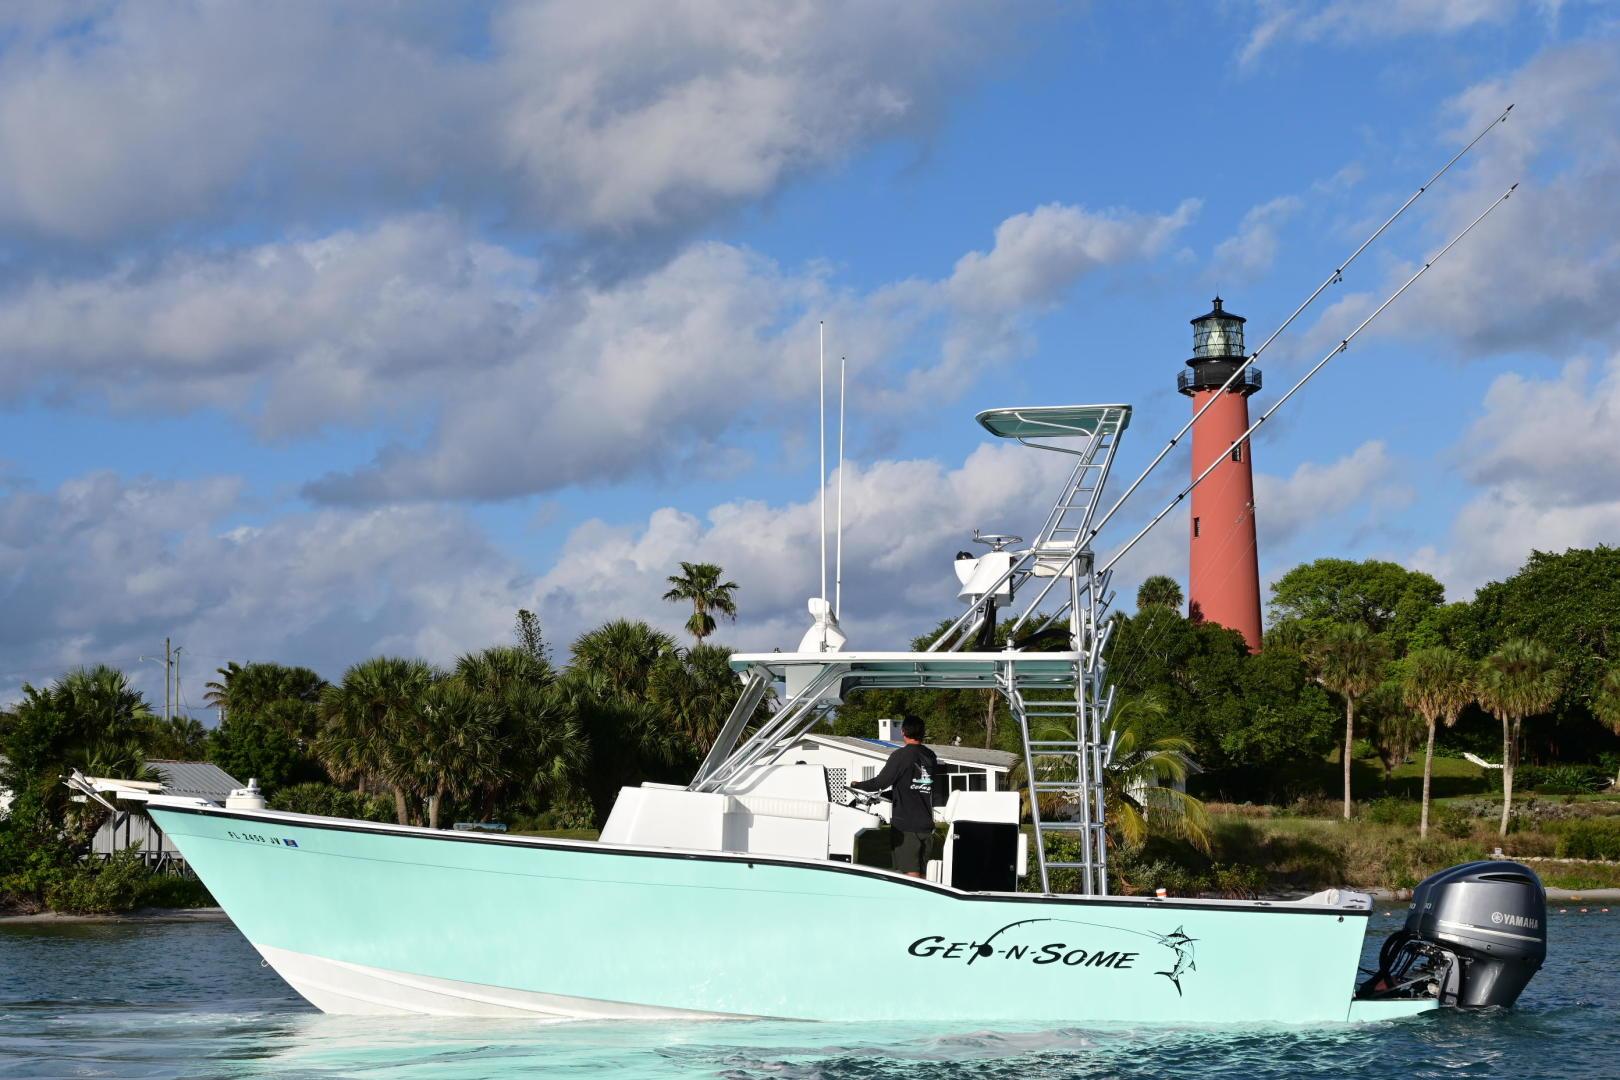 Mirage-32 1999-Get N Some Jupiter-Florida-United States-1639298   Thumbnail